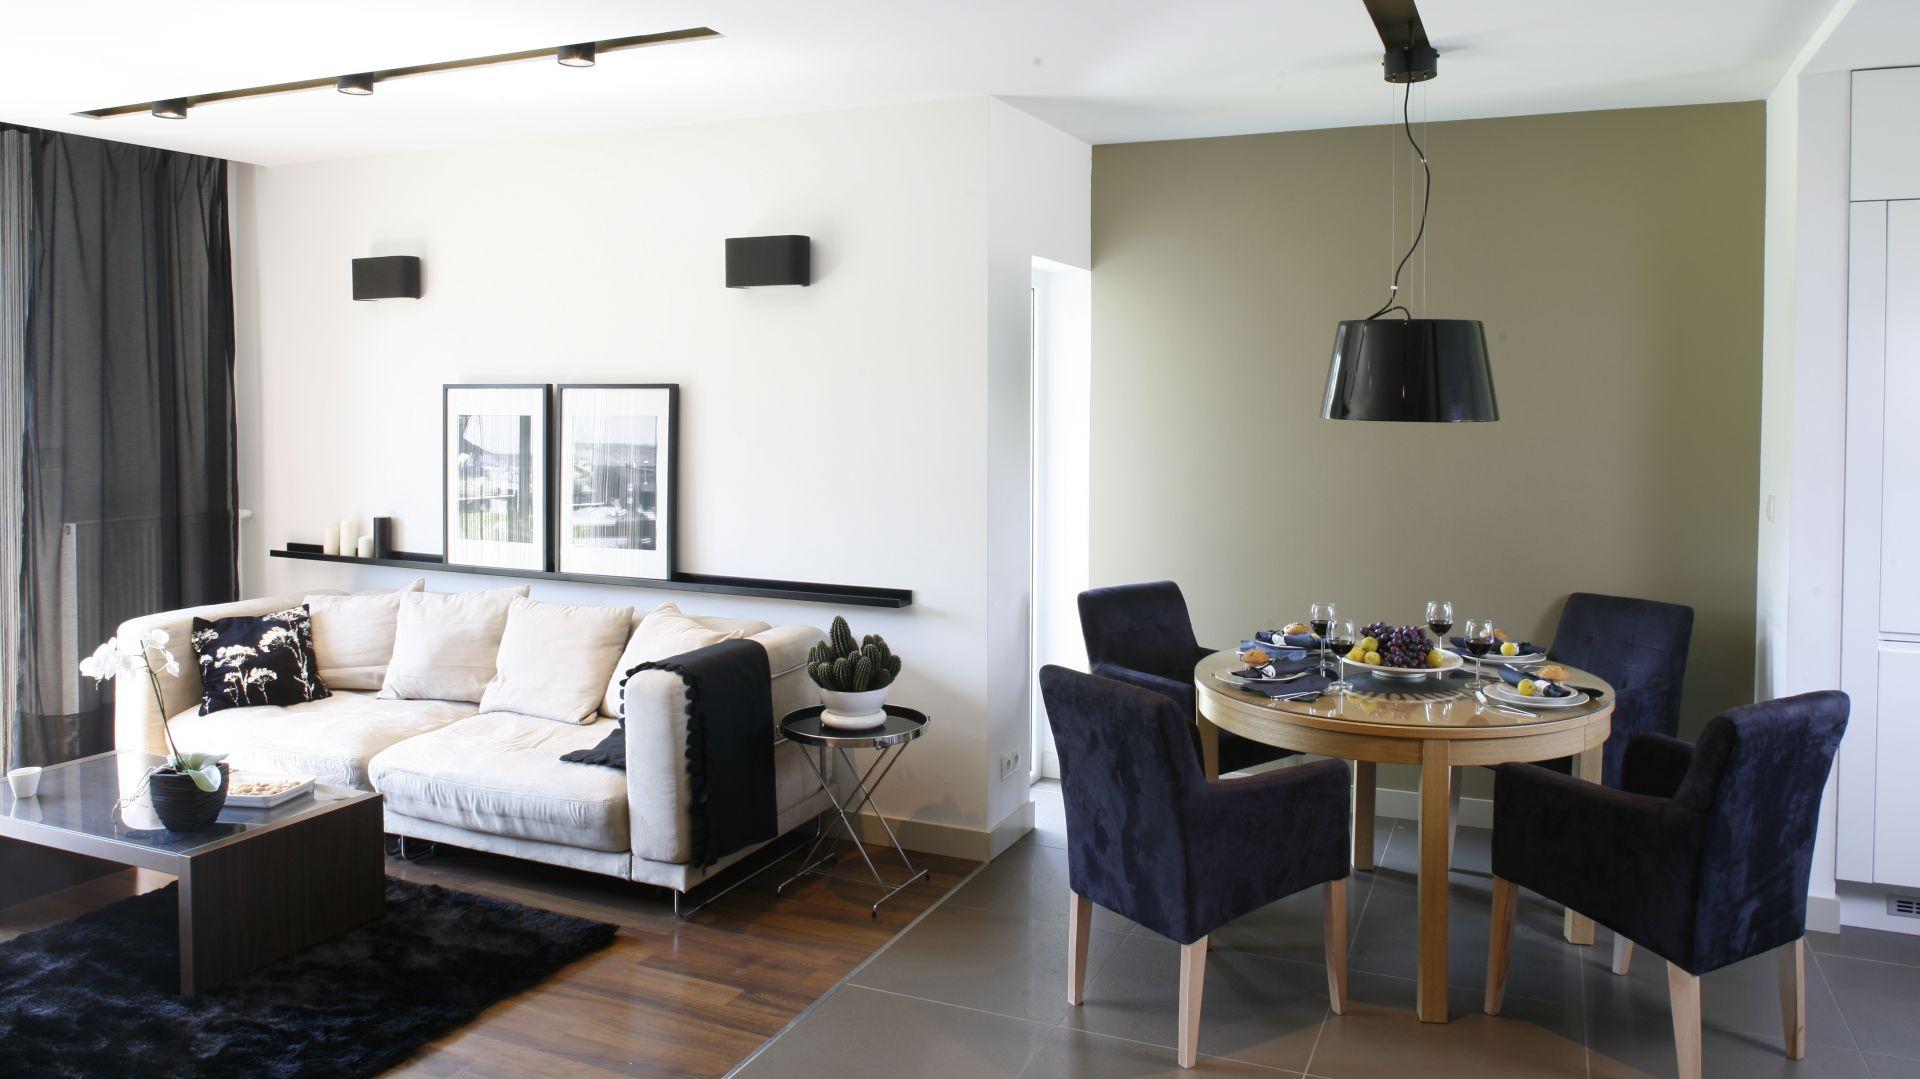 Miękkie, tapicerowane krzesła zestawione z okrągłym, drewnianym stołem dają ciekawy efekt wizualny. Projekt: Małgorzata Mazur. Fot. Bartosz Jarosz